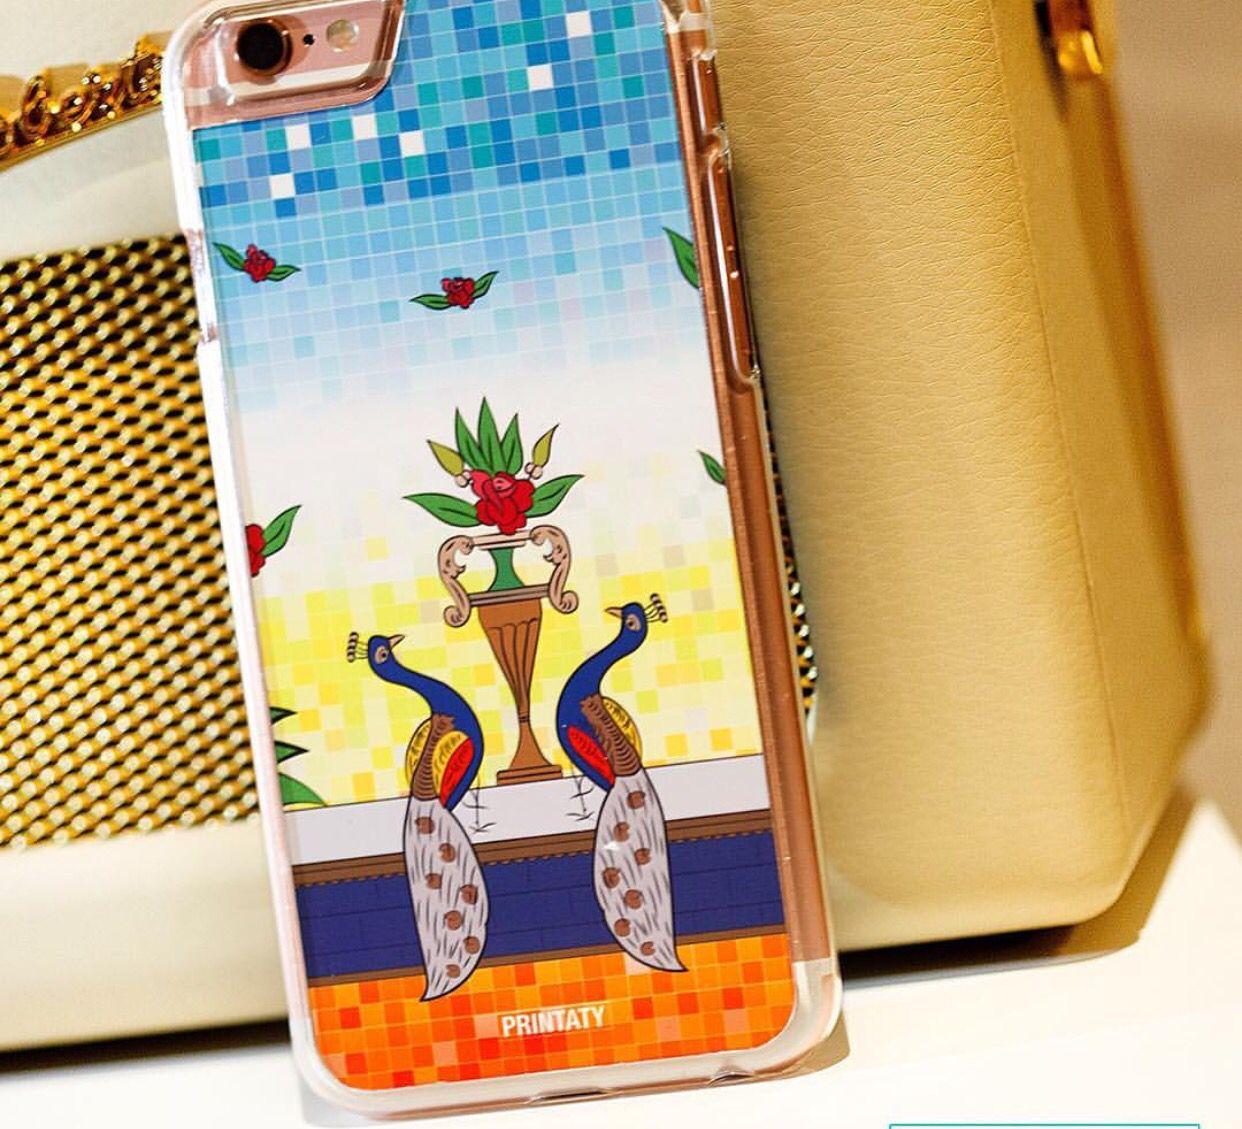 غطاء جوال جميل Phone Cases Electronic Products Case